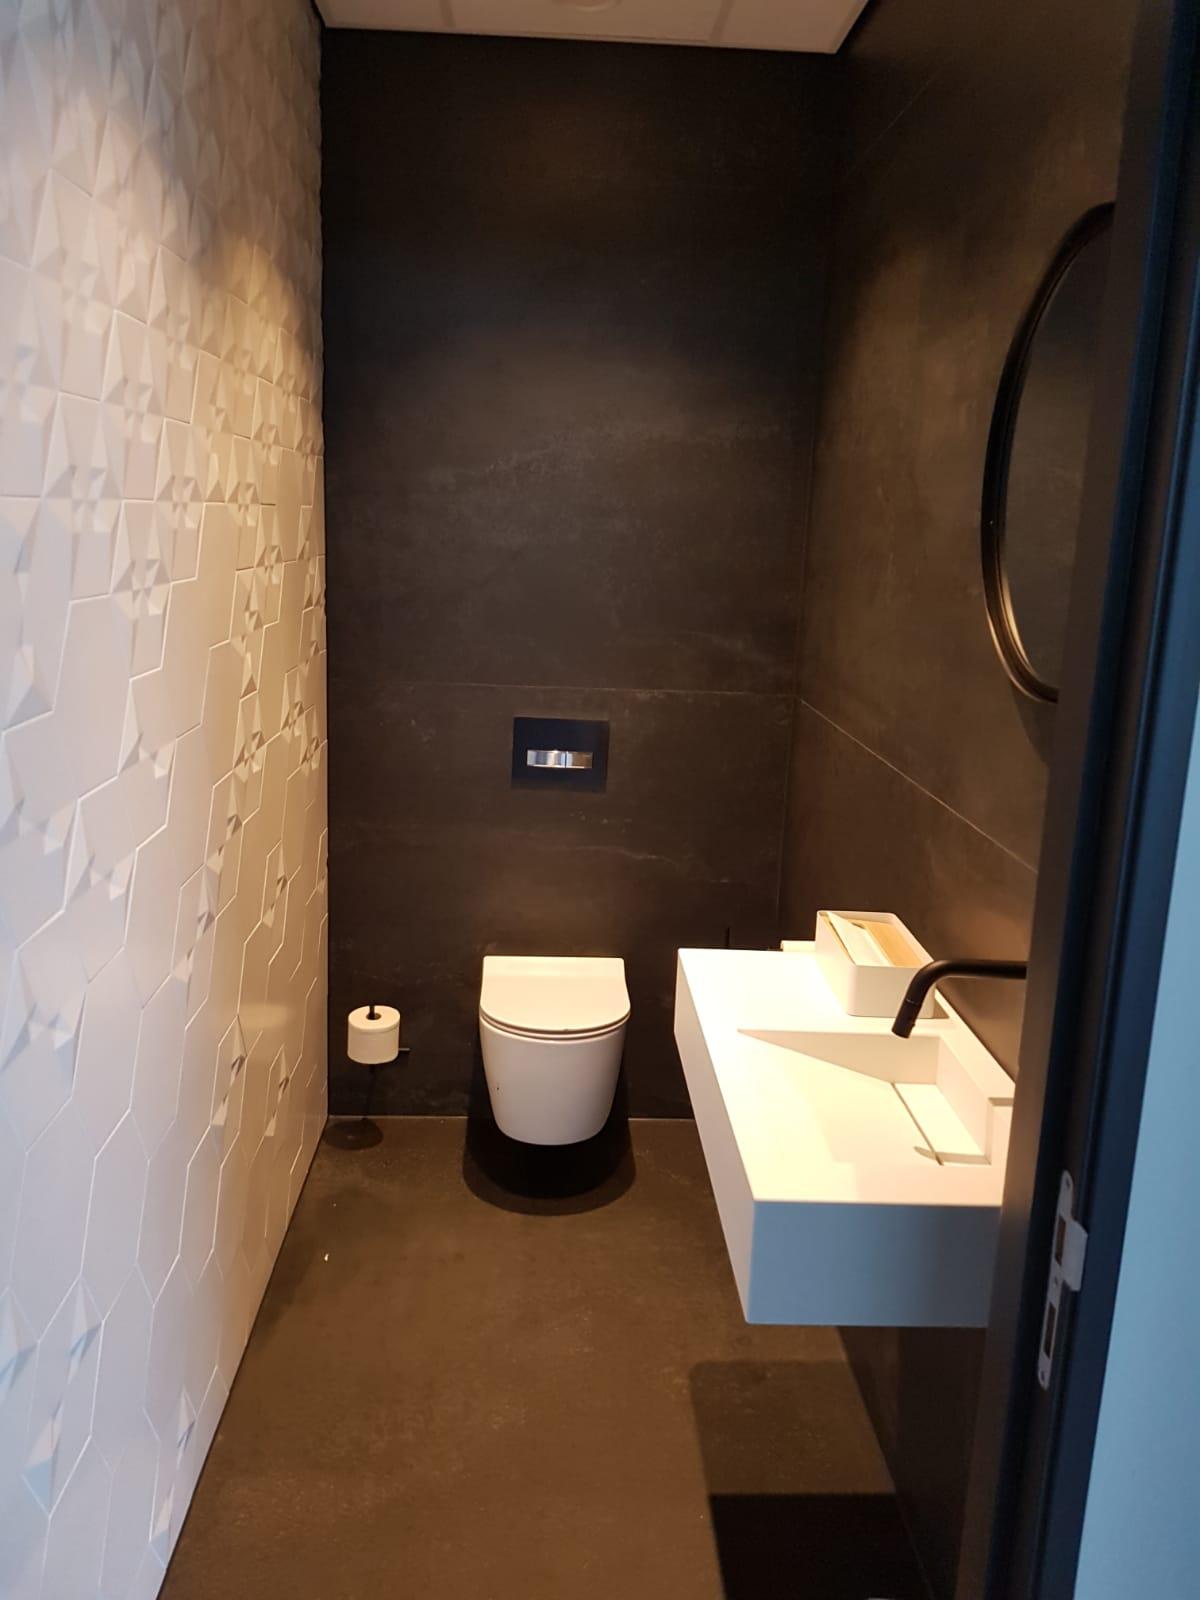 Toilet-kitten-kitvoegen